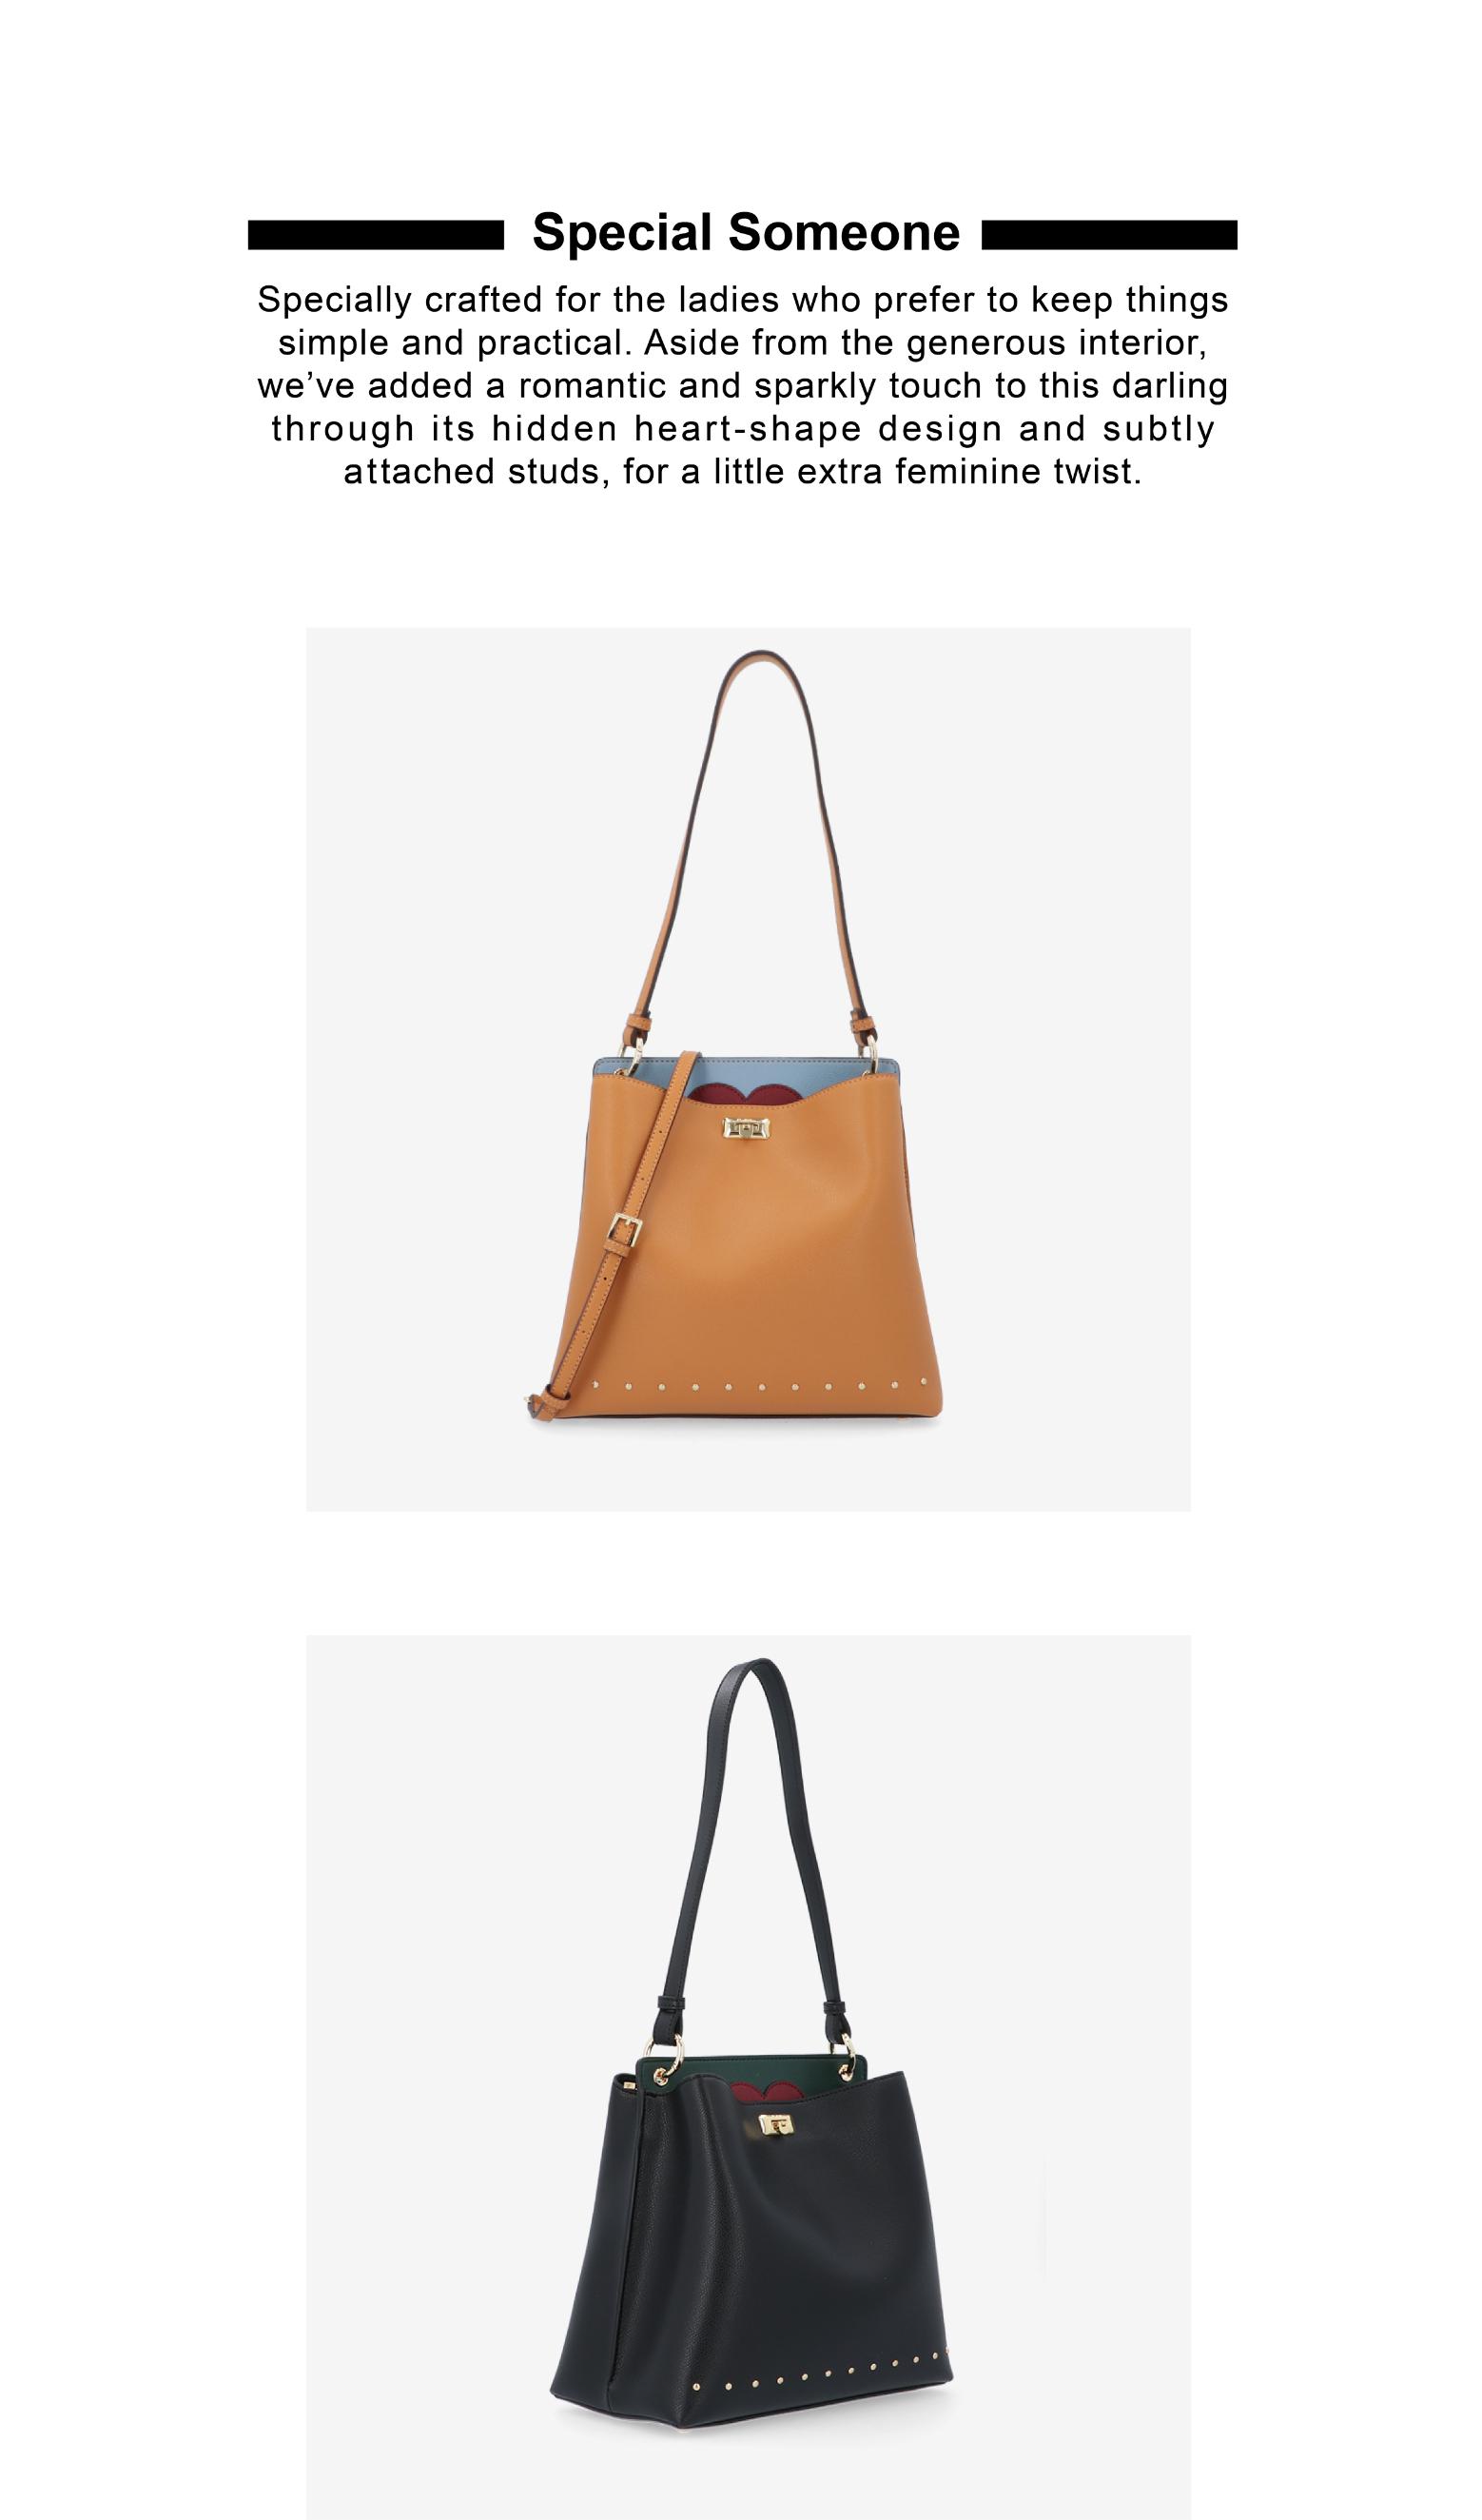 0304792H 002 02 - Special Someone Shoulder Bag